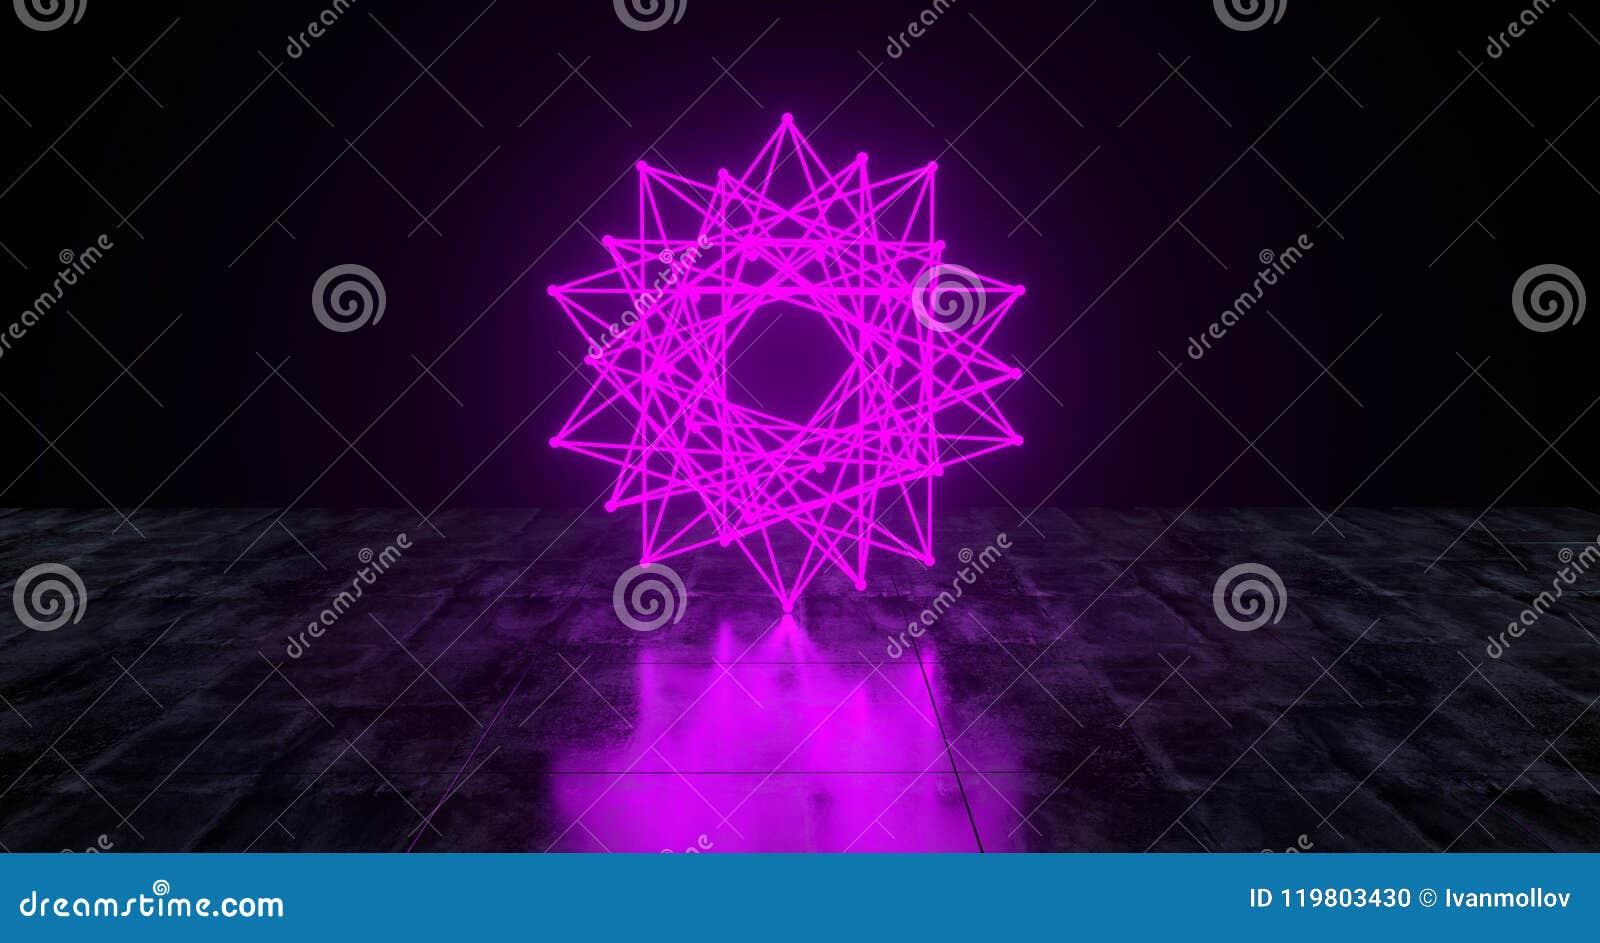 Звезда геометрической футуристической научной фантастики неоновая примитивная дробит свет на участки краев